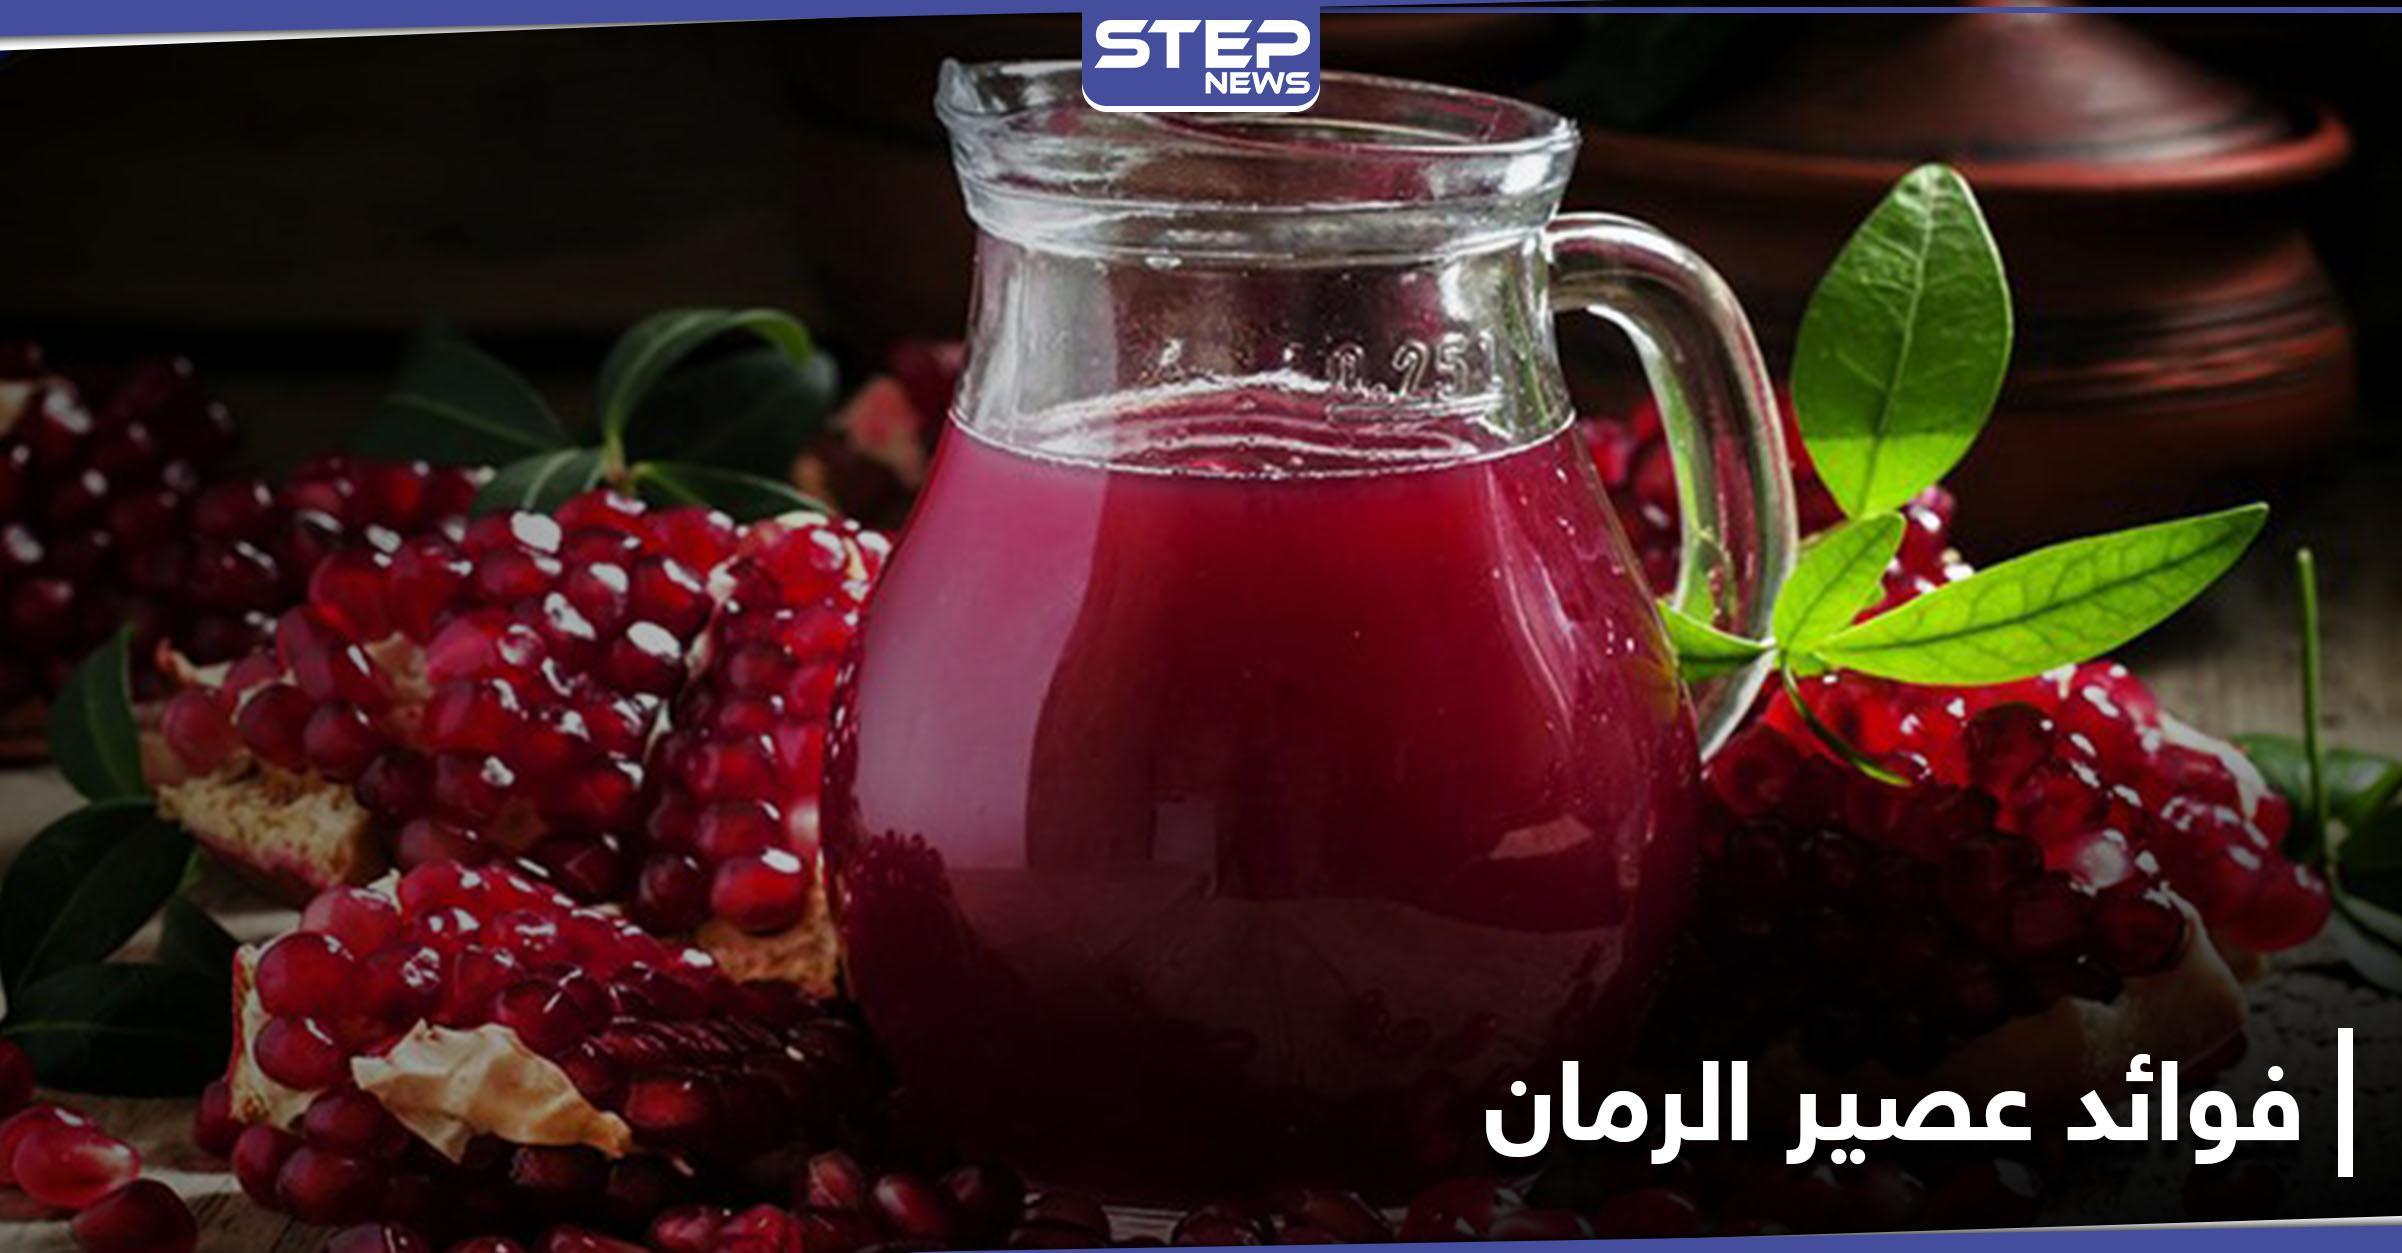 إليك 12 فائدة من فوائد عصير الرمان